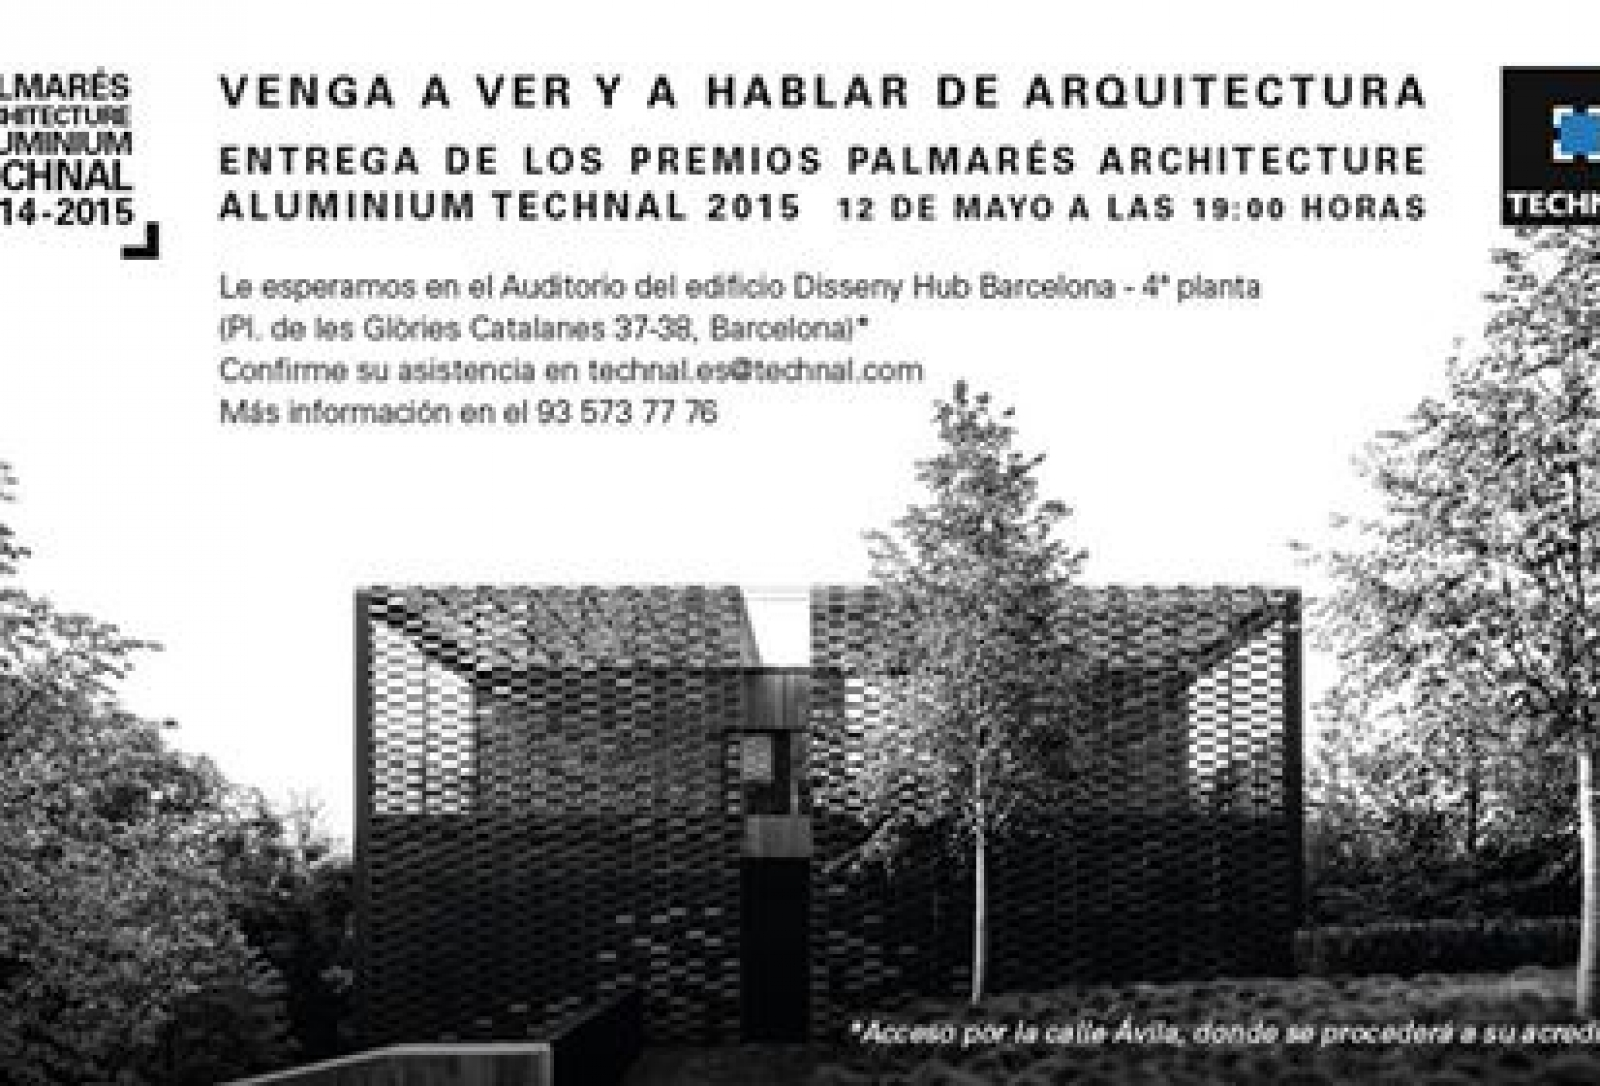 antonio cruz president of the palmares aluminium technal jury